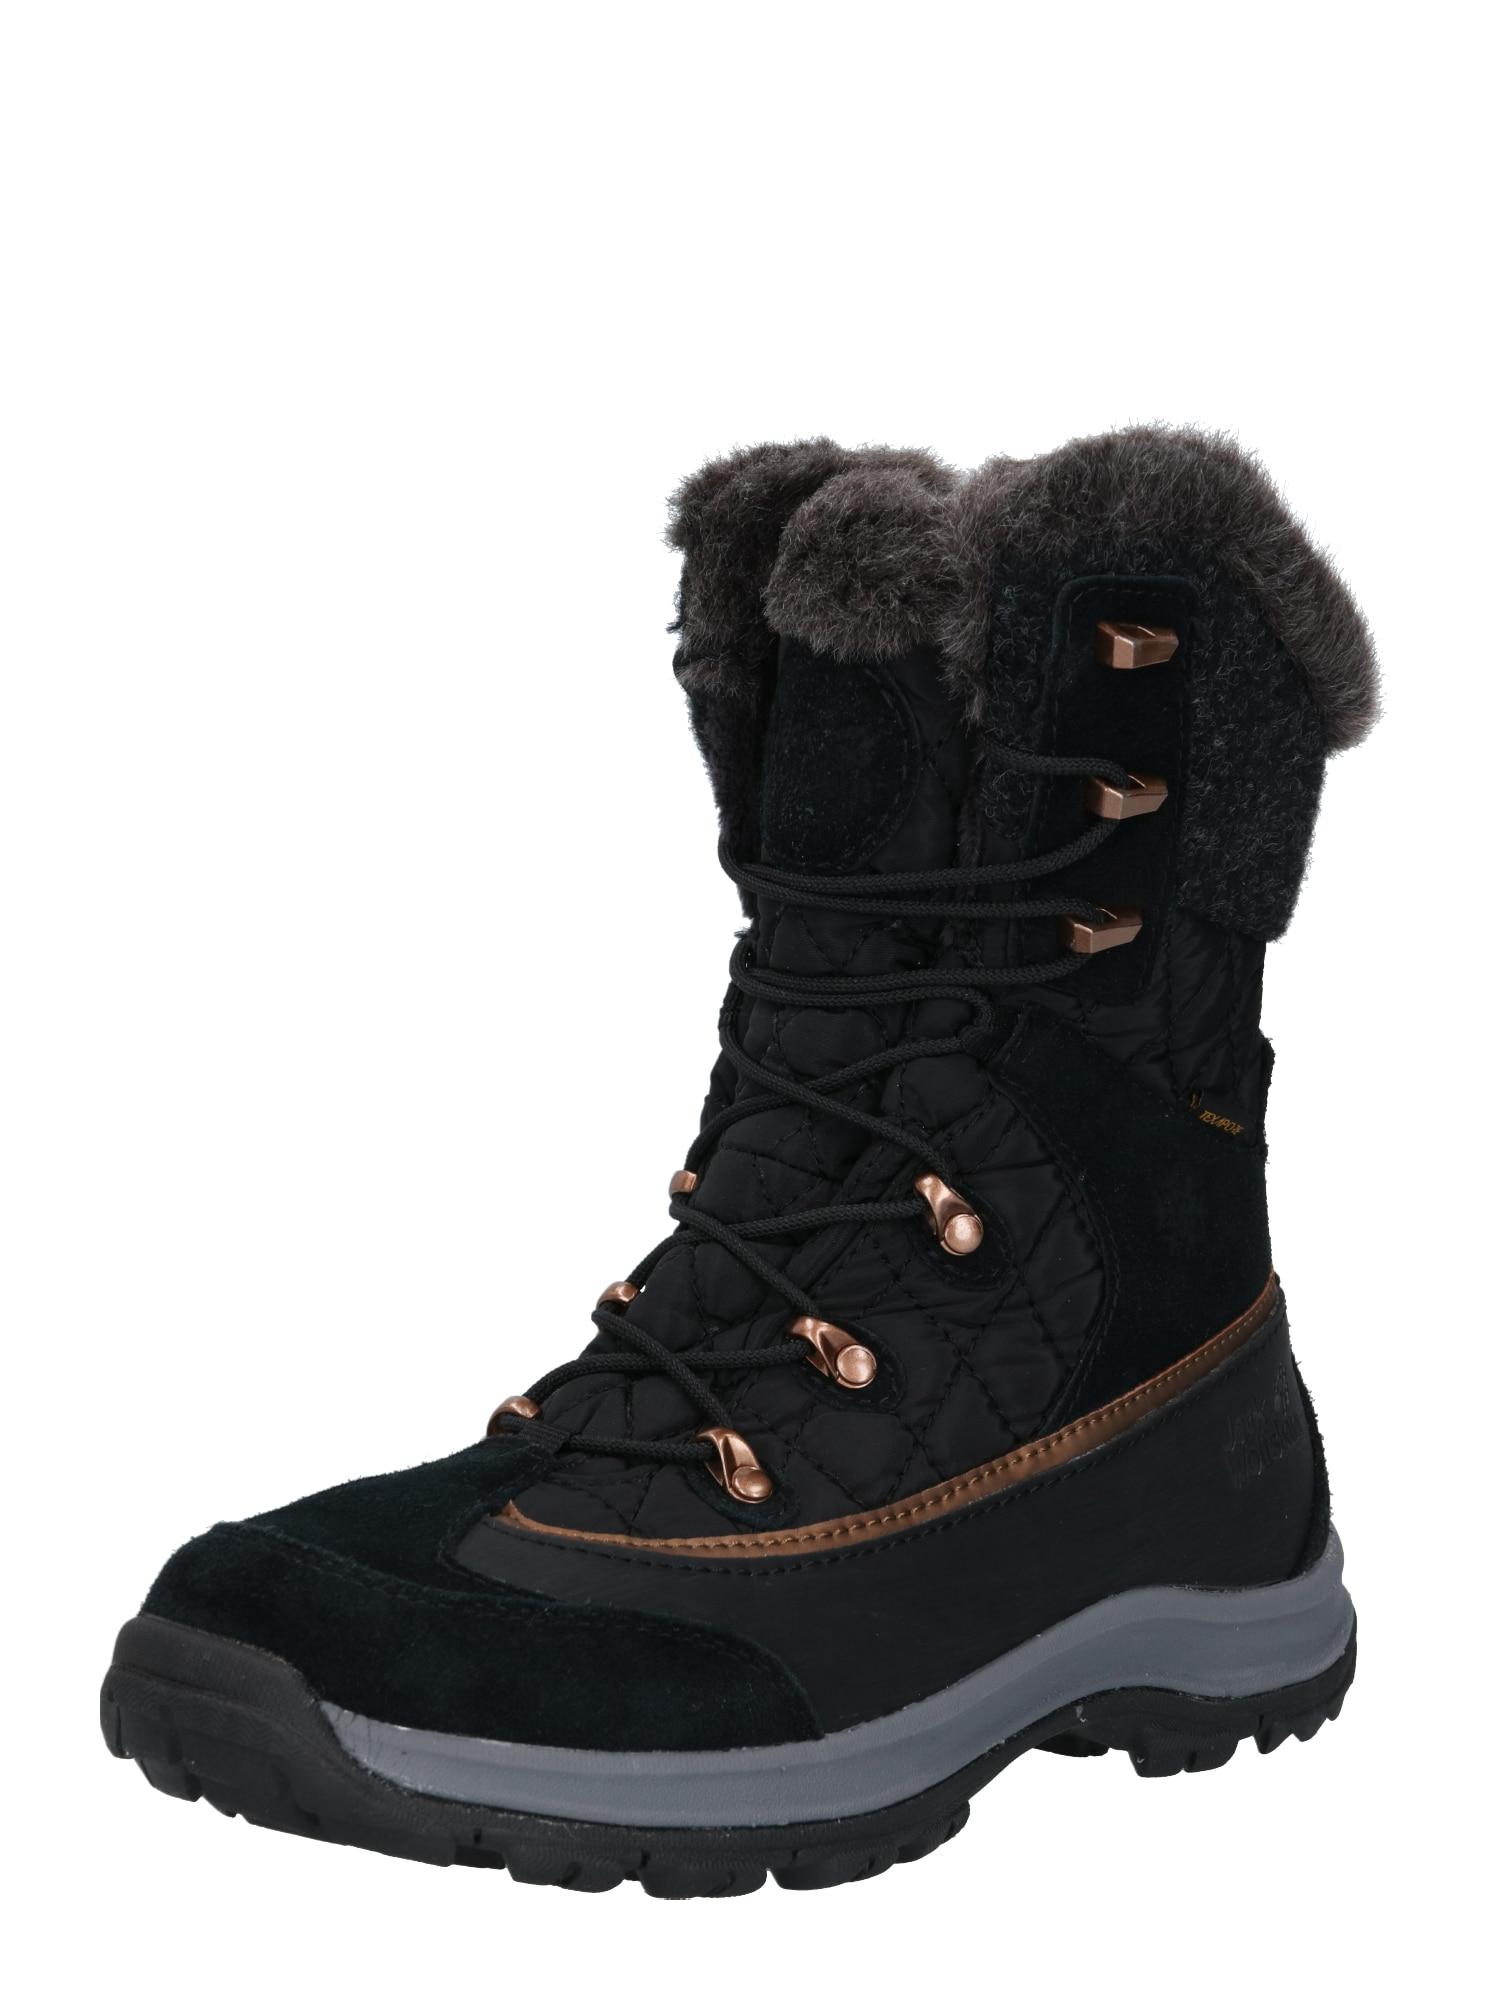 JACK WOLFSKIN Auliniai batai 'ASPEN TEXAPORE' tamsiai pilka / juoda